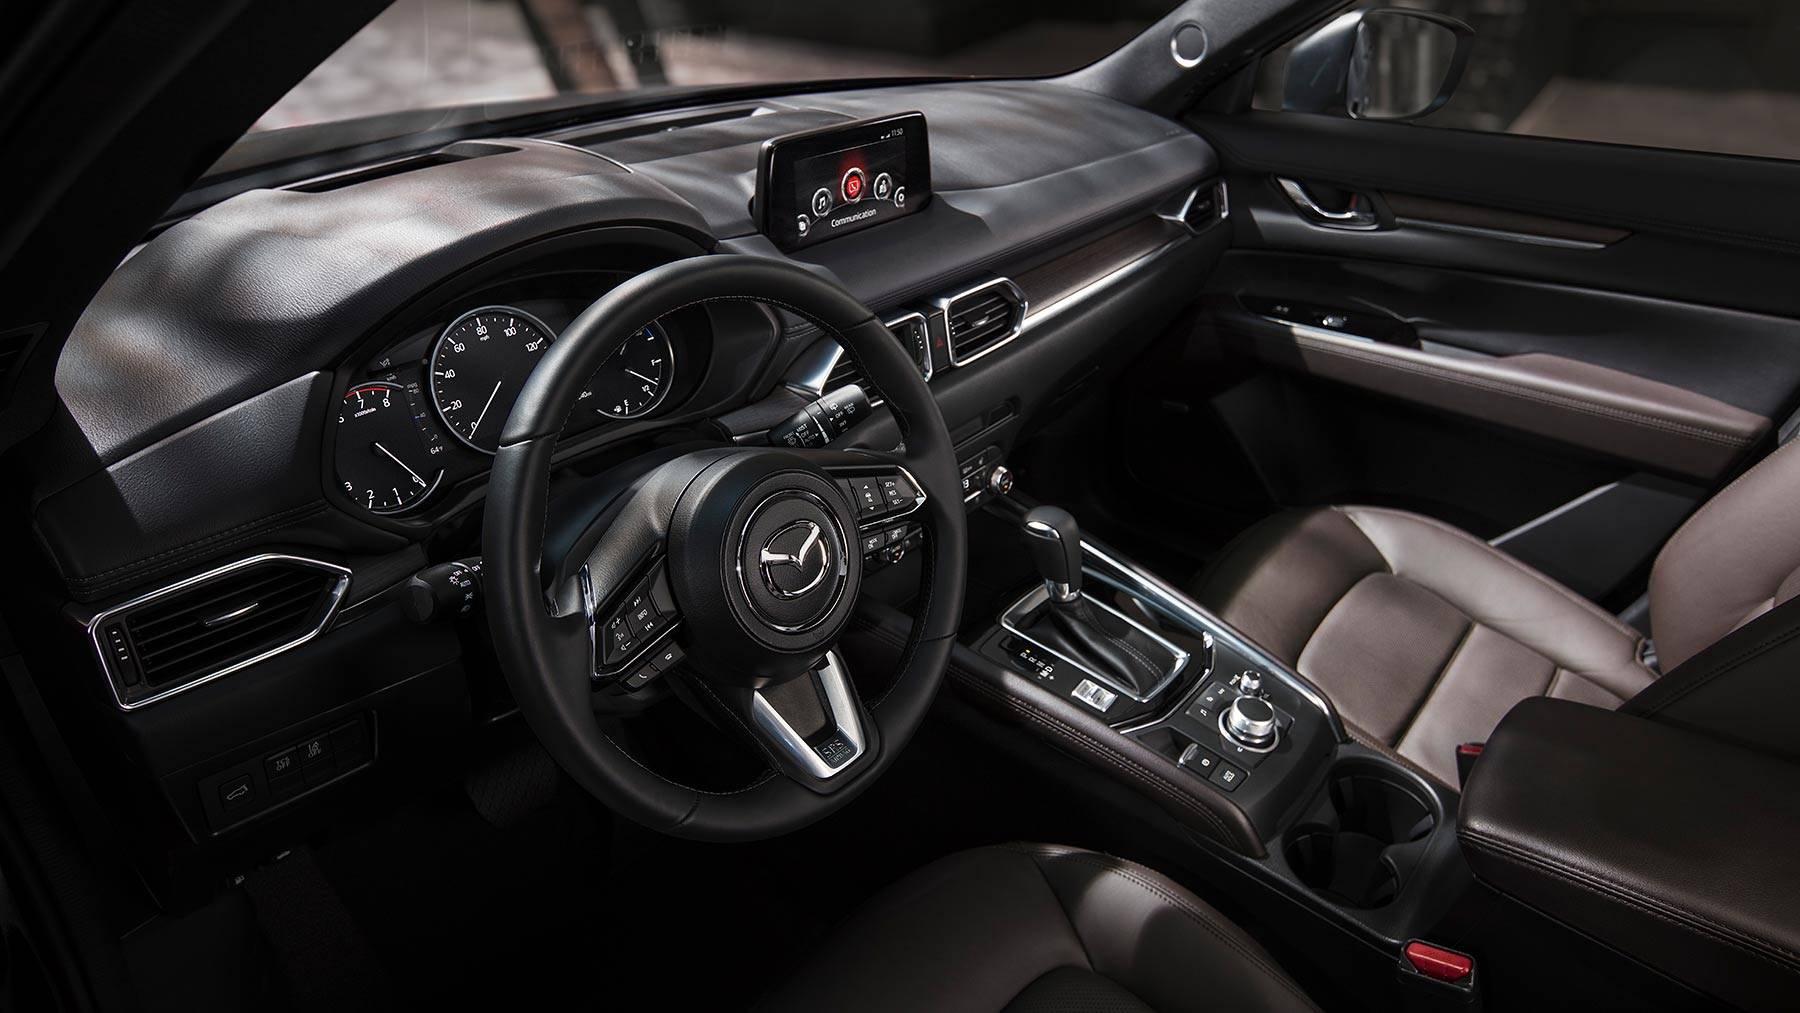 2019 Mazda CX-5 Center Stack